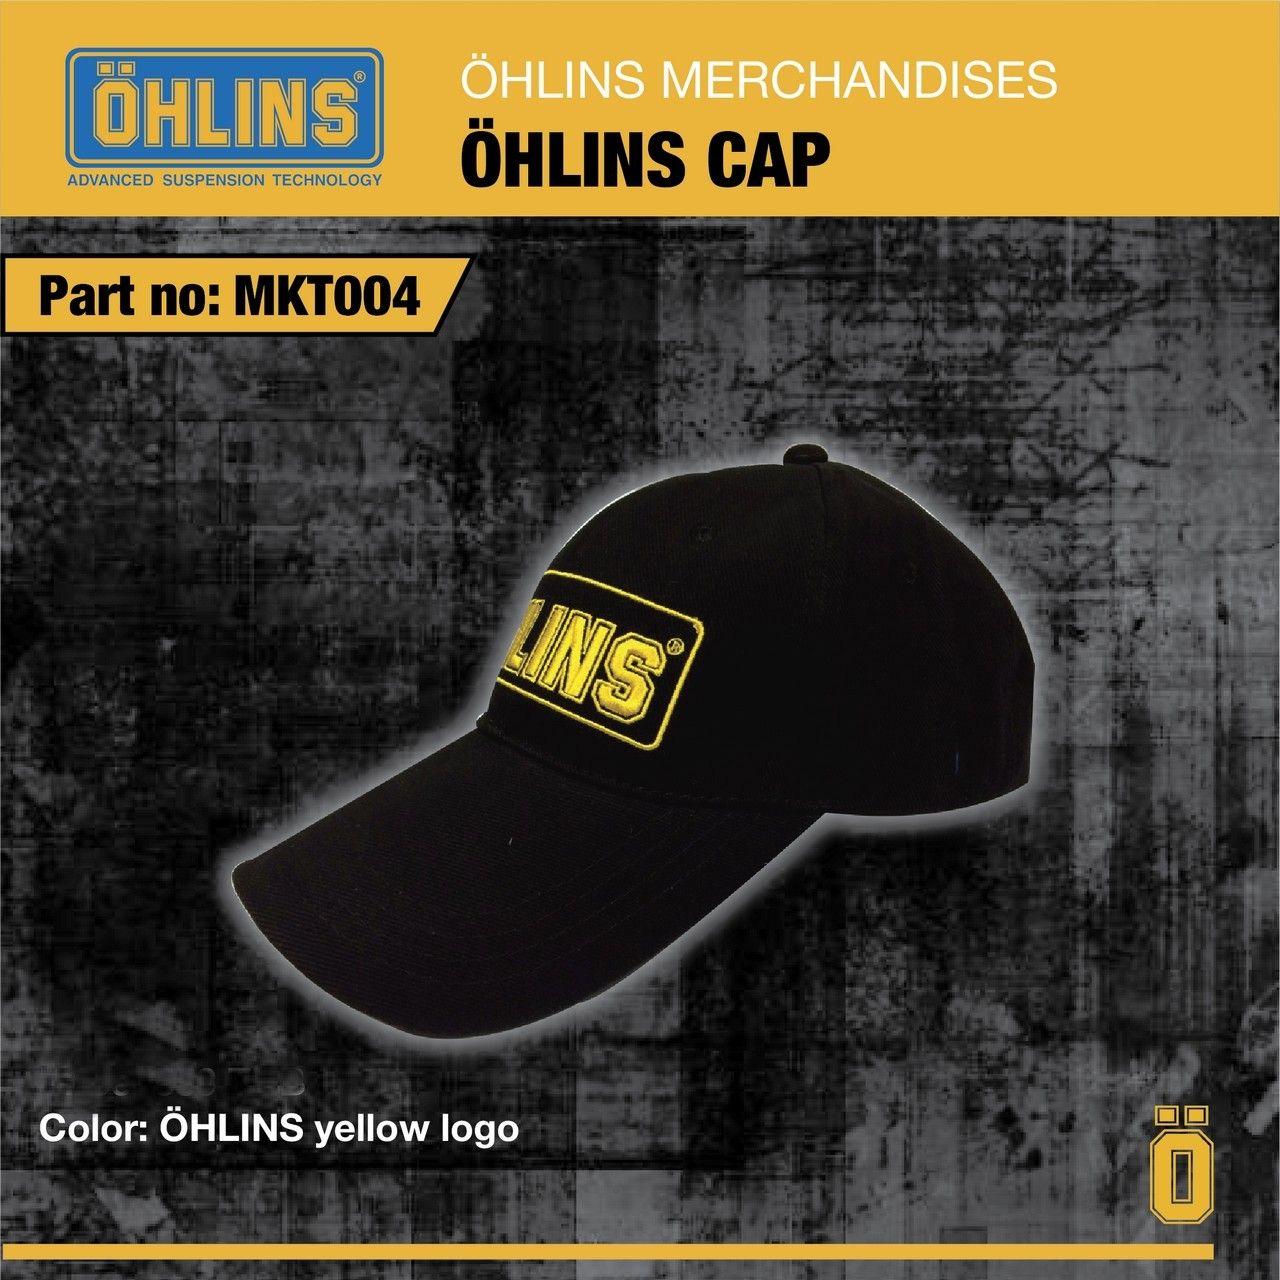 Cap [Overseas Imported Item]